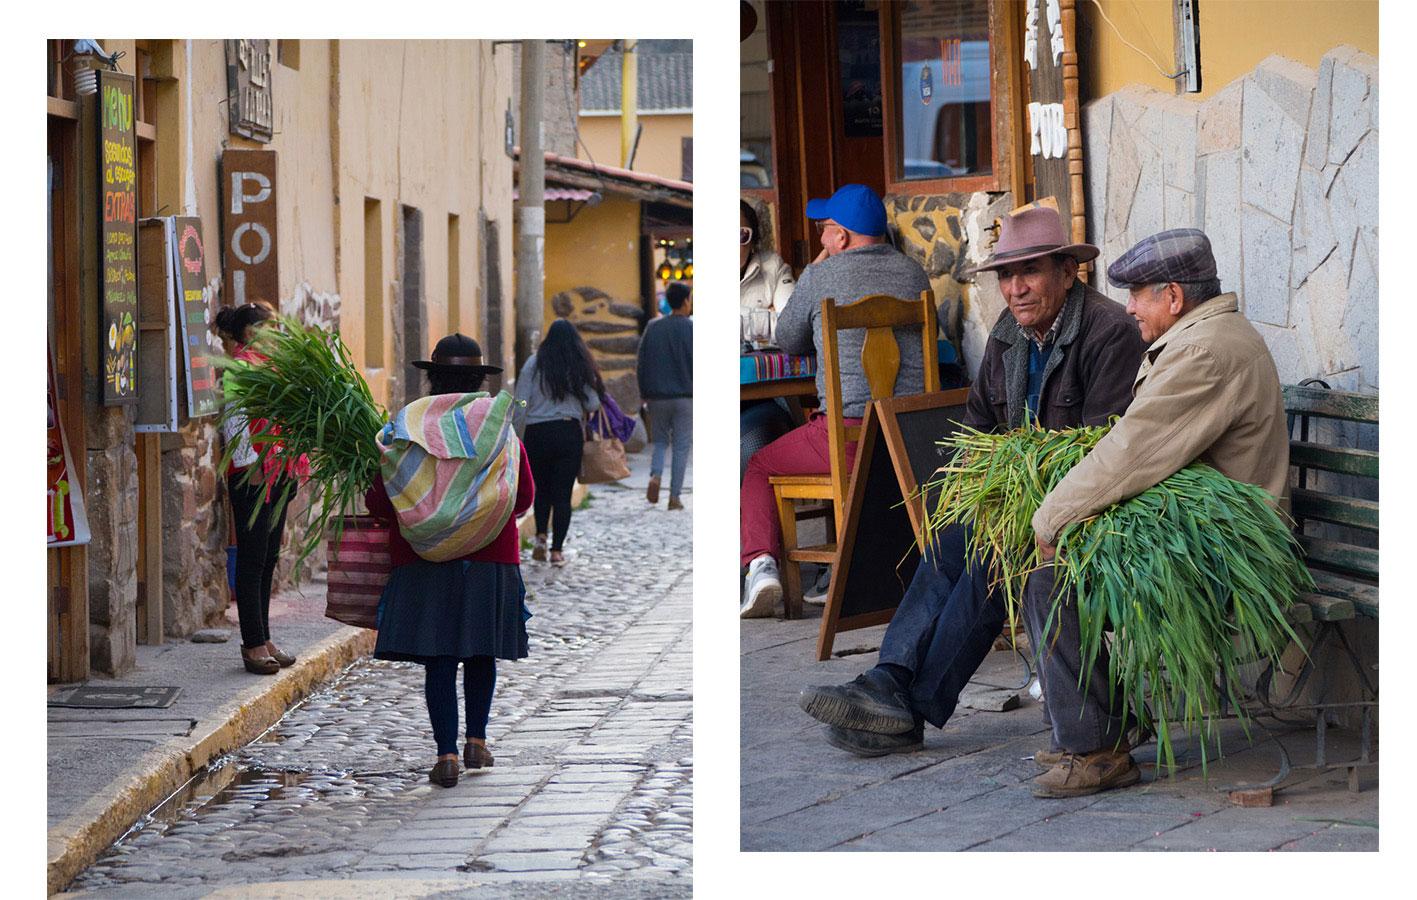 peru leben einheimische - Reisetipps für die Inkastadt Cusco in Peru